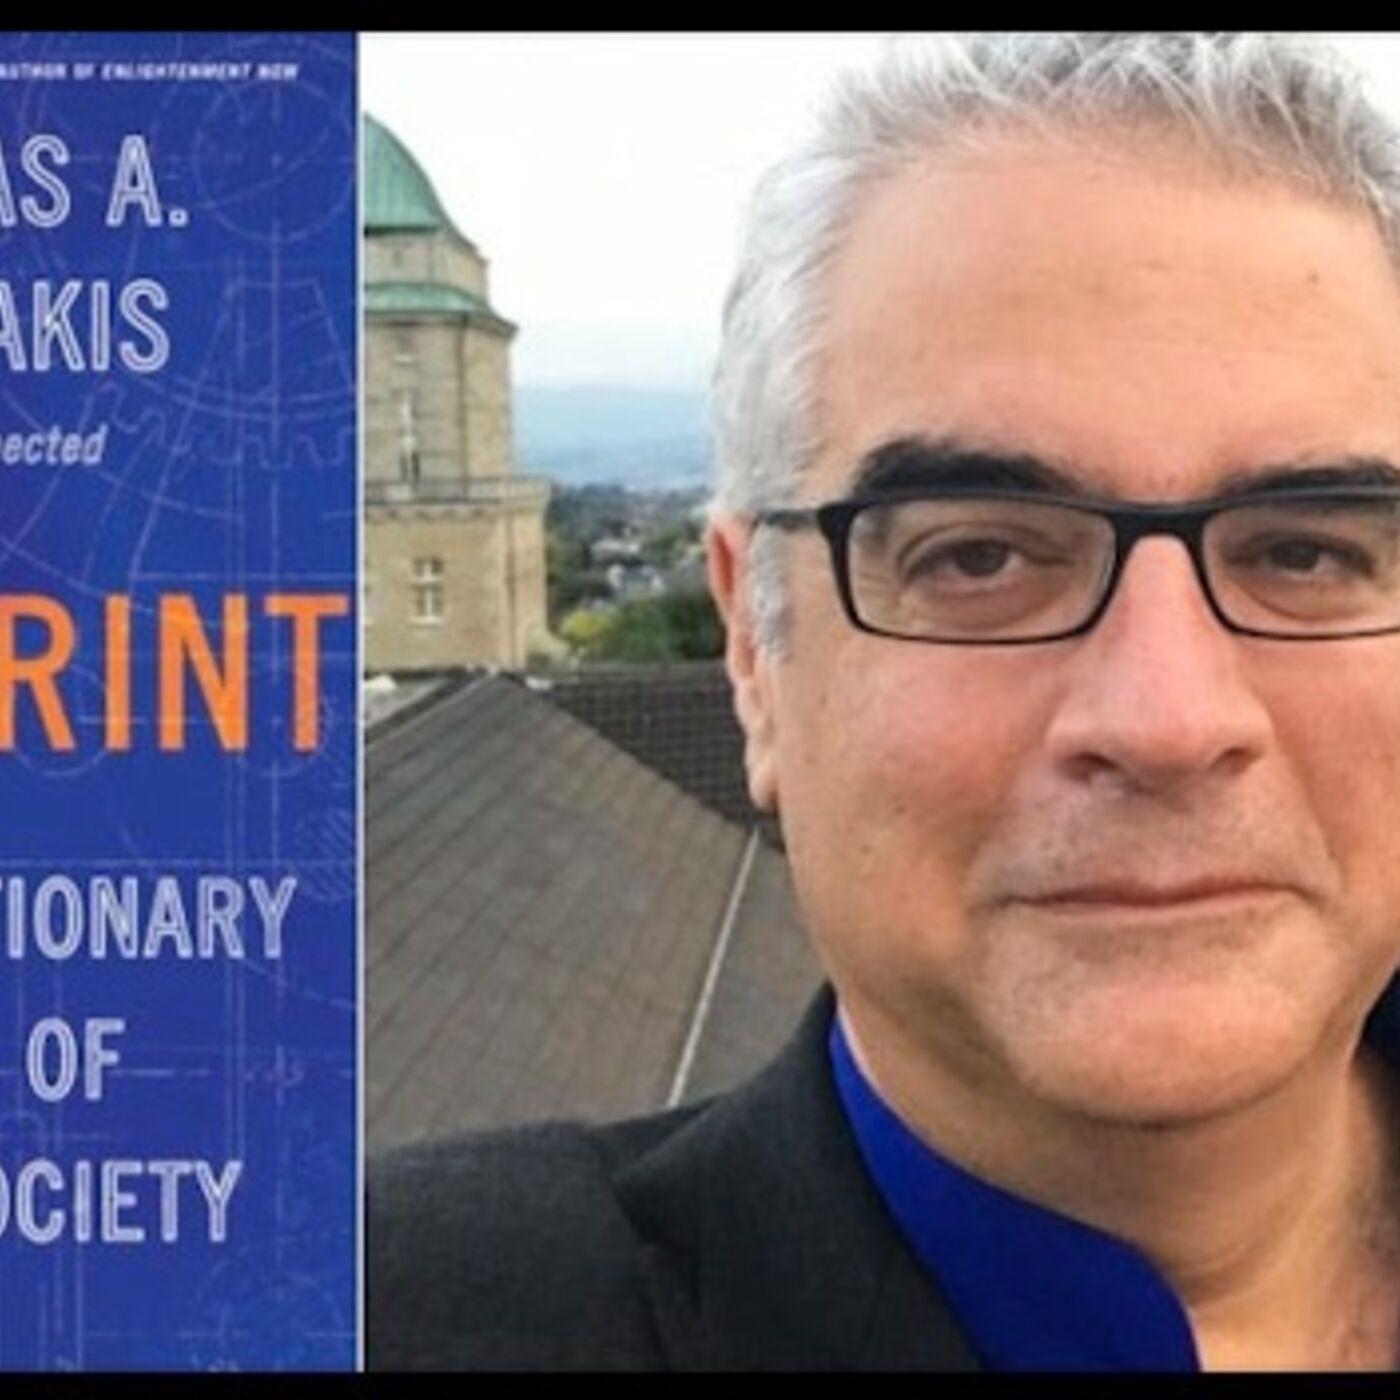 Nicholas Christakis; evolusjon og det gode samfunnet